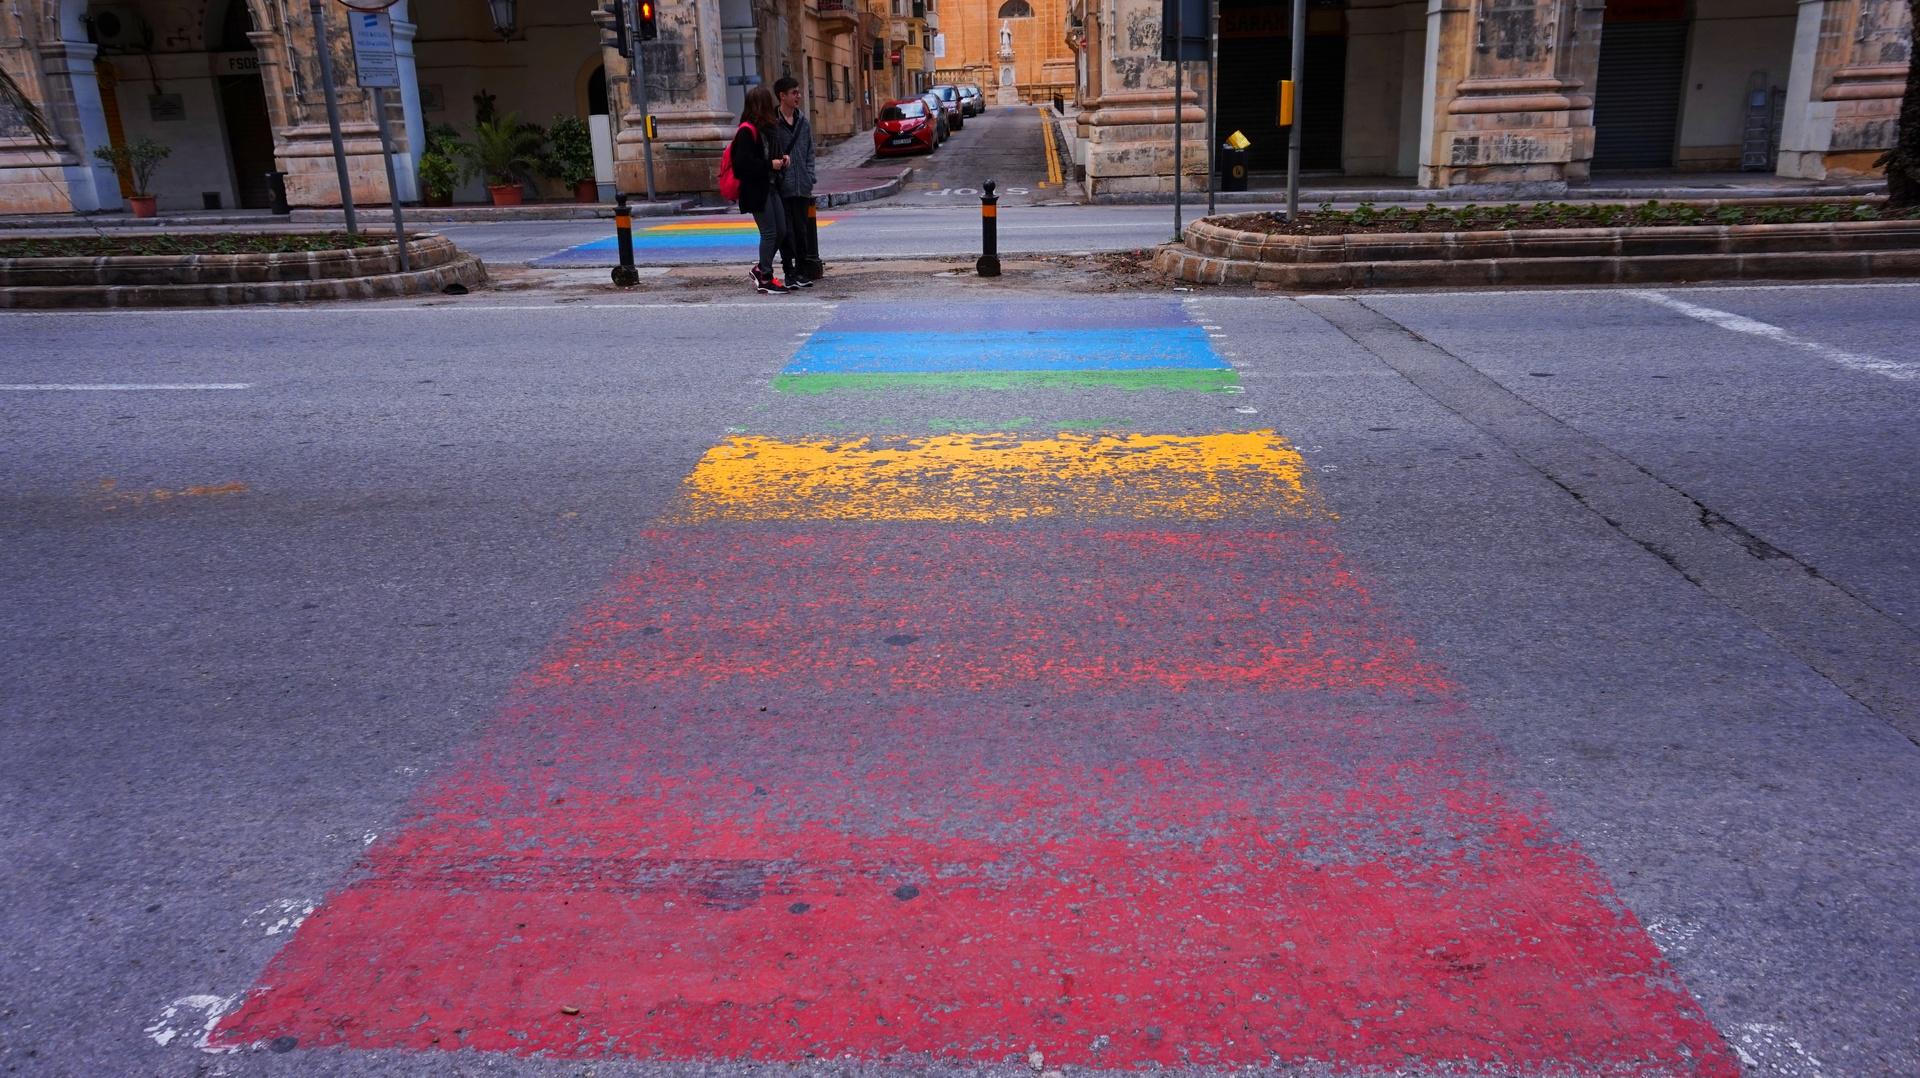 Kolorowe przejście dla pieszych w Valletcie, Malta | Sway the way